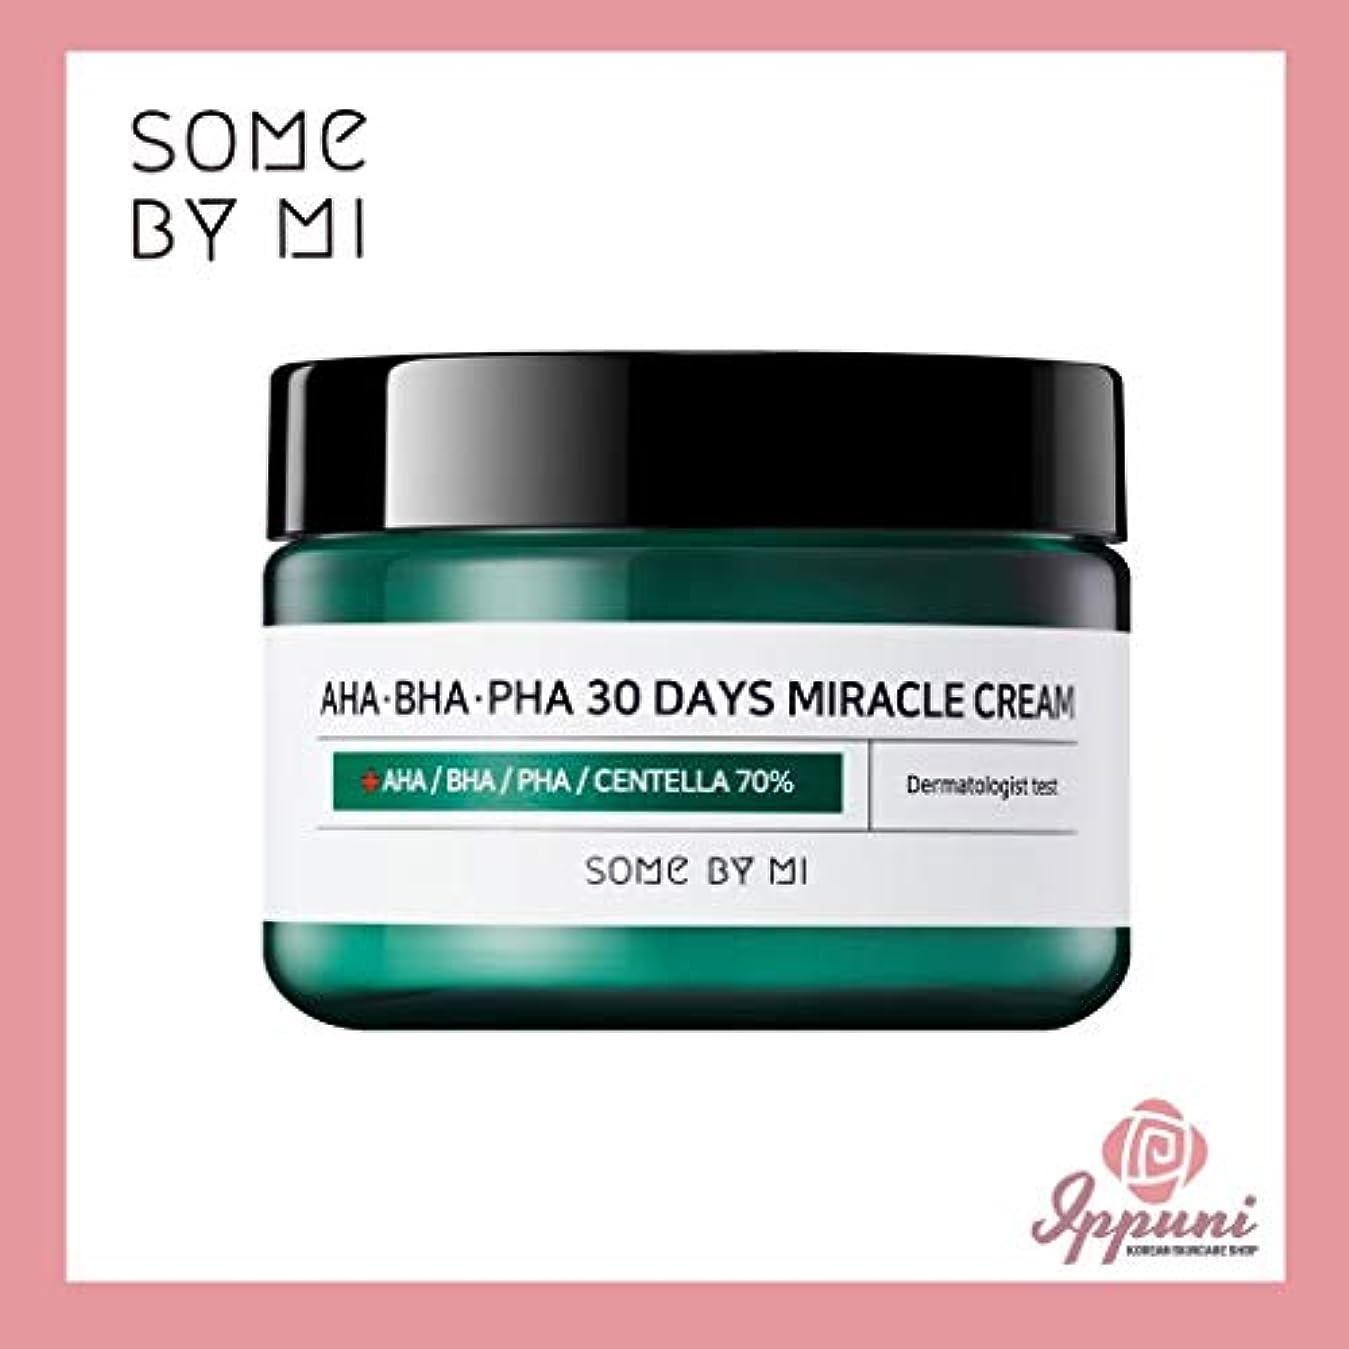 巻き取り牛肉赤面Somebymi AHA BHA PHA Miracle Cream 50ml (1.7oz) Skin Barrier & Recovery, Soothing with Tea Tree 10,000ppm for...